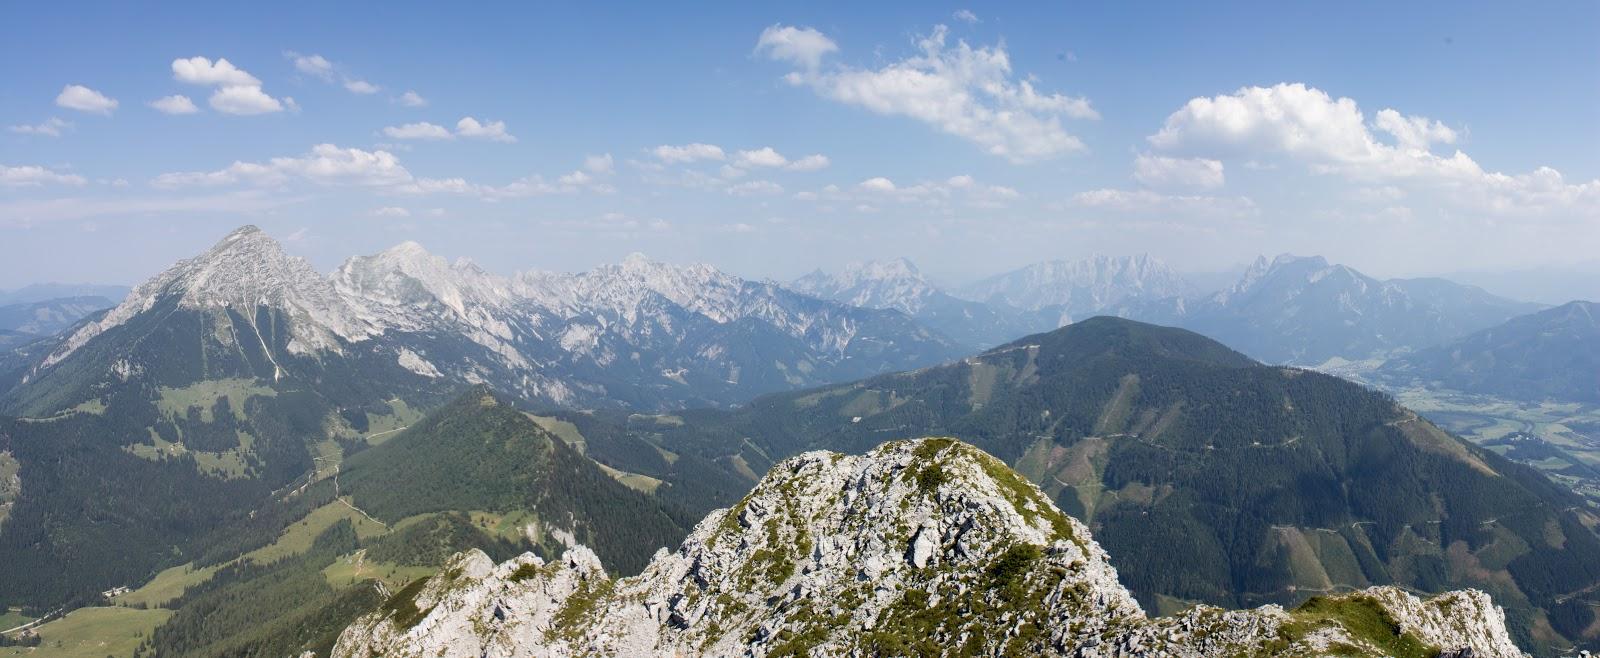 Von der Ardningeralmhütte über den Wildfrauensteig auf Frauenmauer, Bosruck und Kitzstein. - Panorama Bosruck